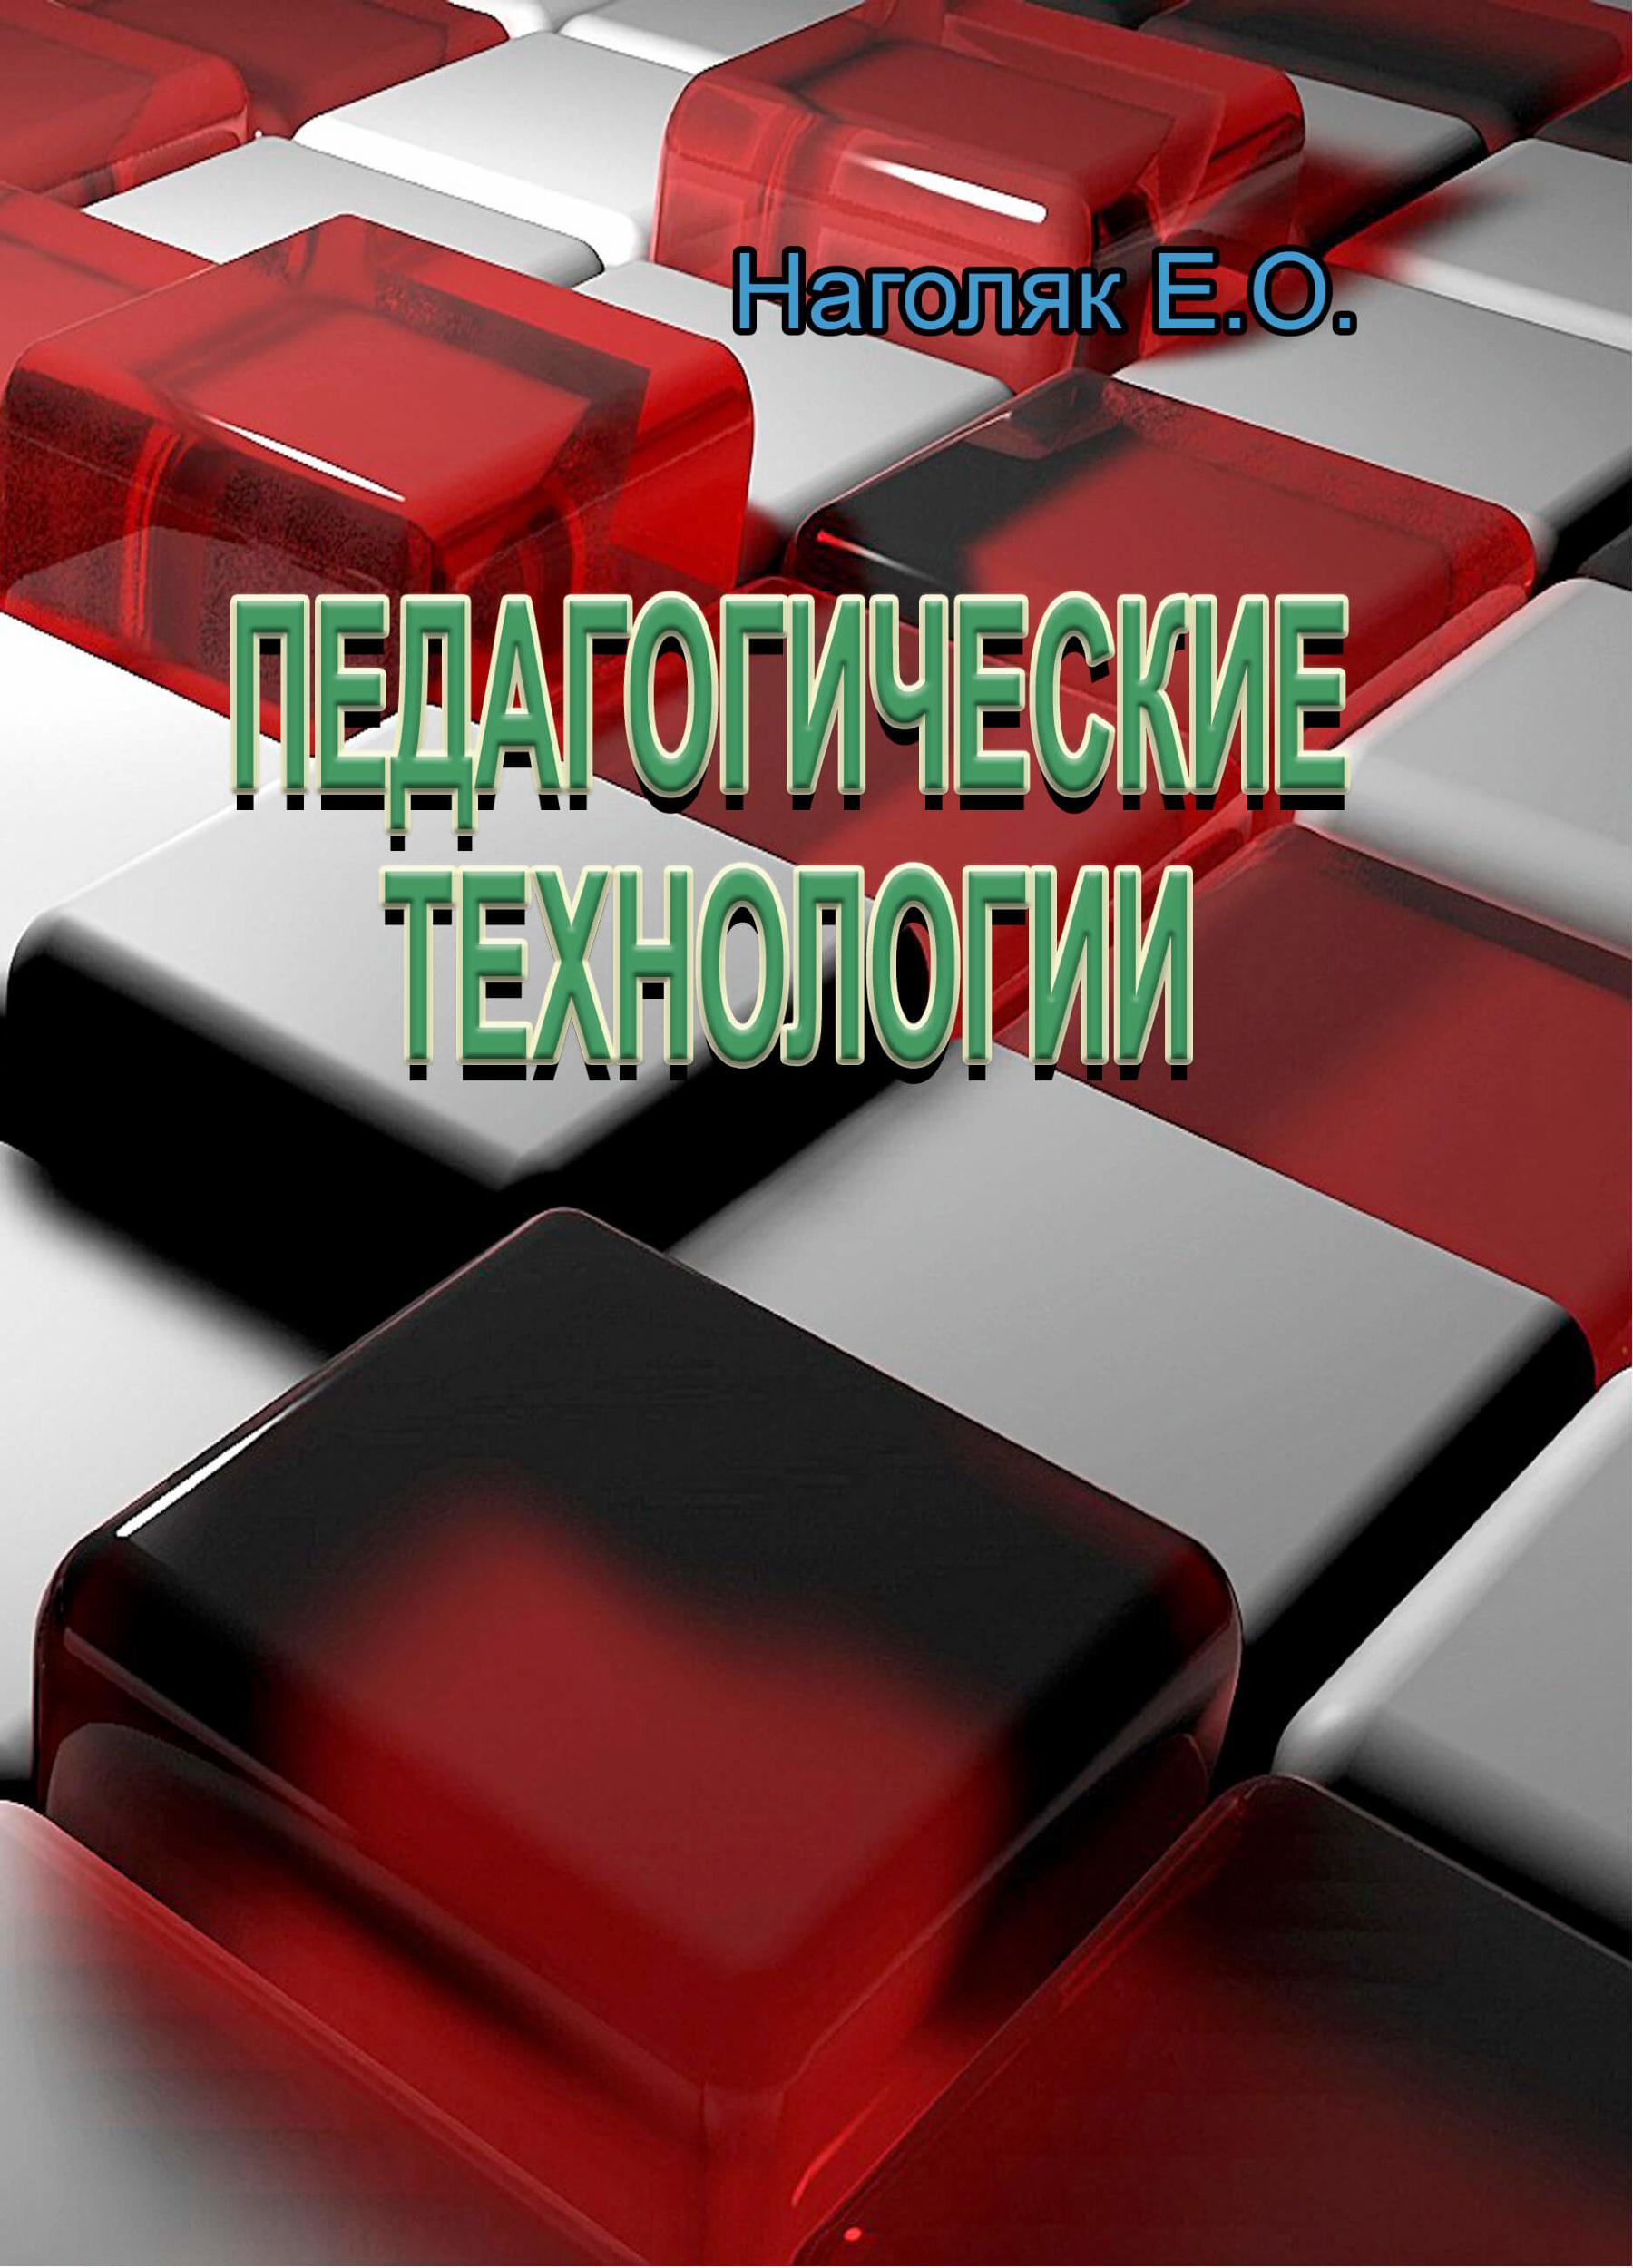 Педагогические технологии. Автор — Наголяк Е.О.. Переплет —